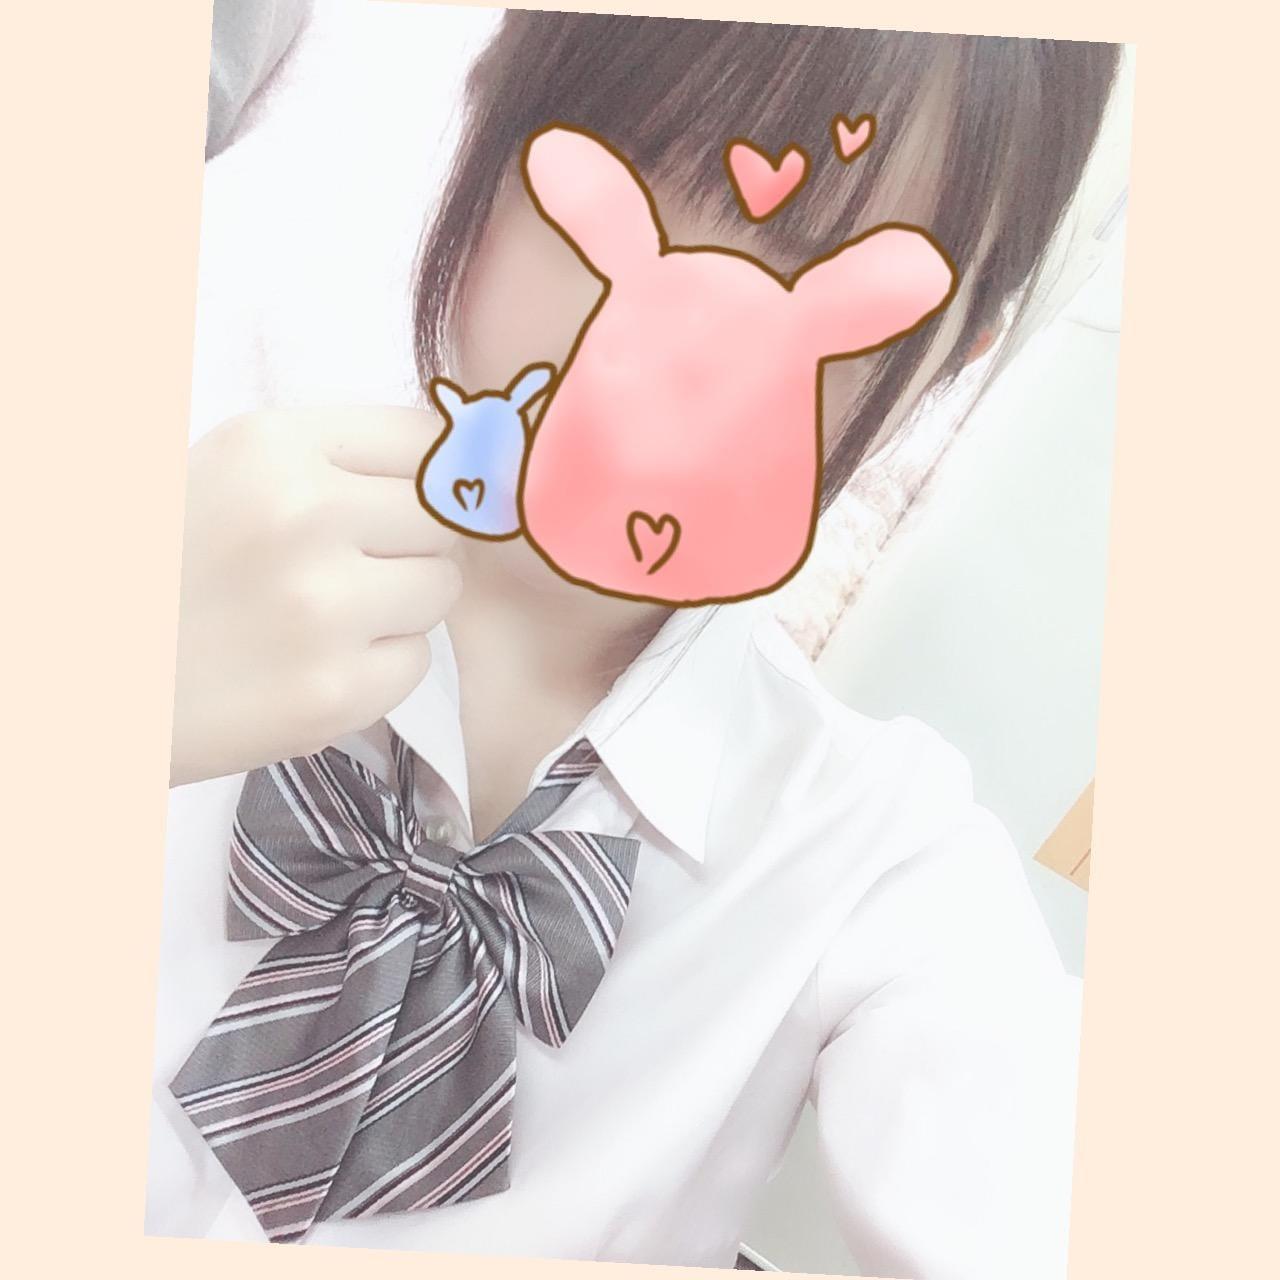 「かな」11/04(日) 17:28 | かなの写メ・風俗動画